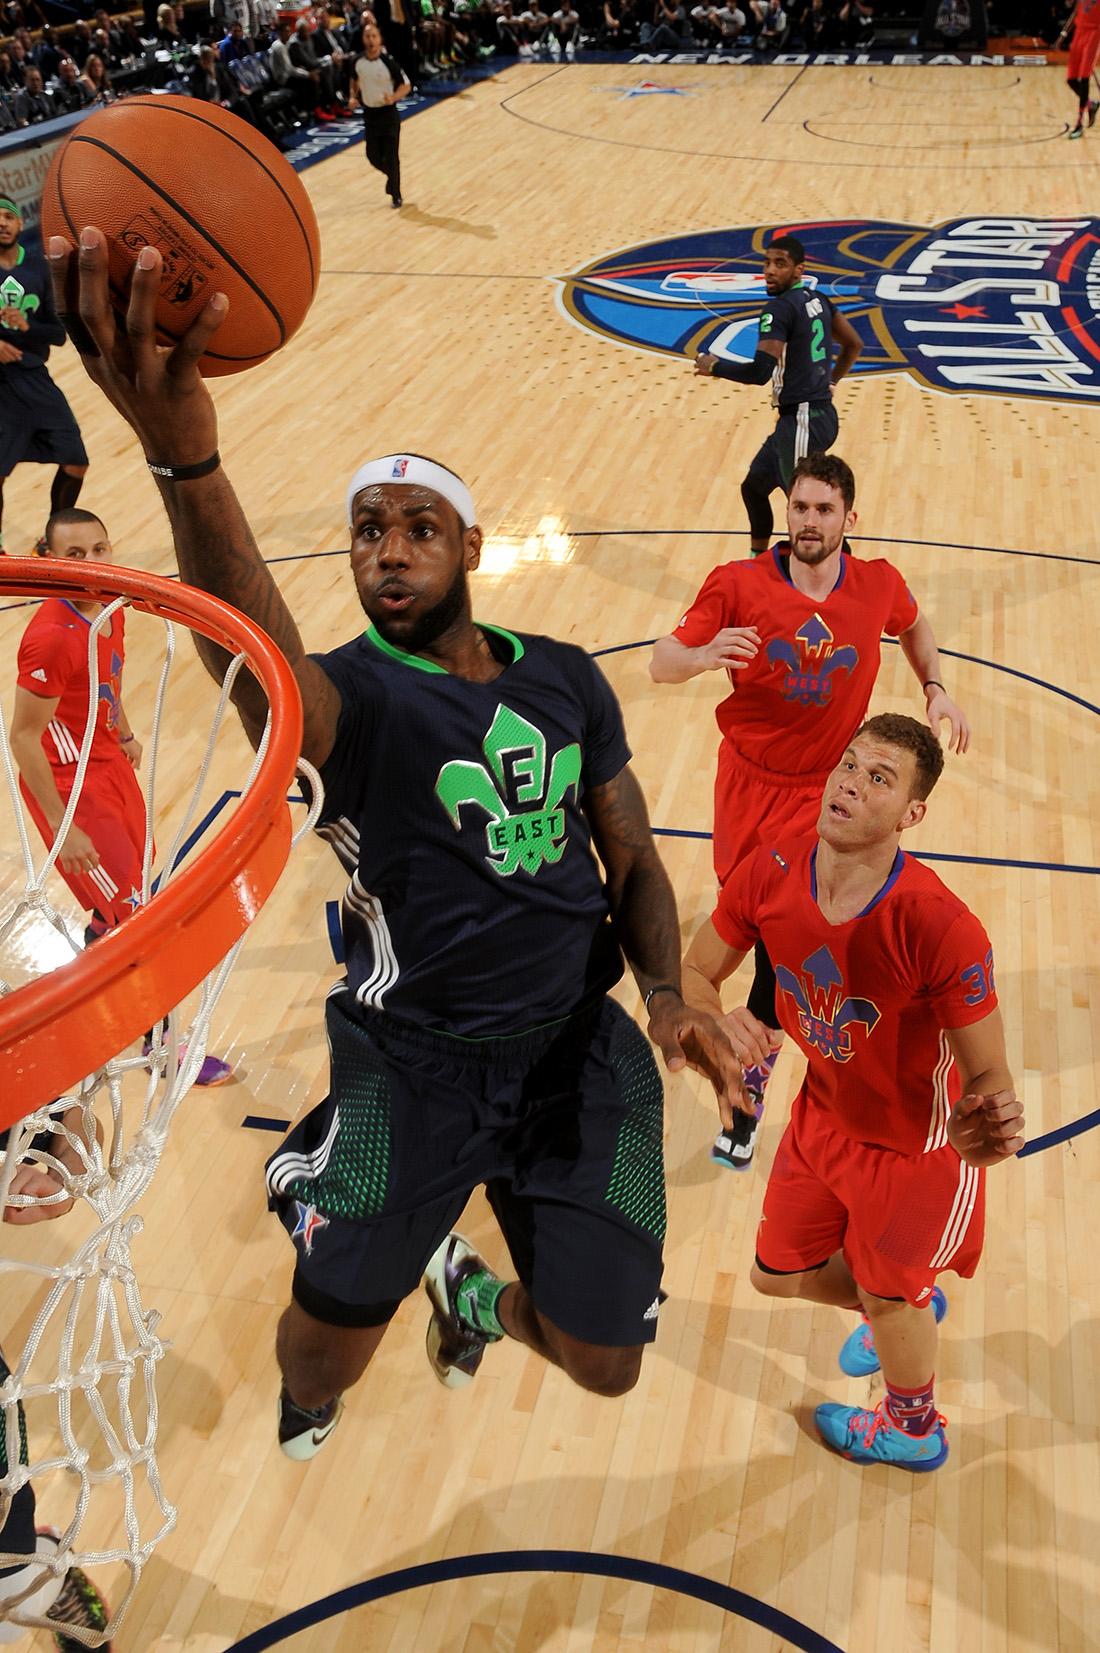 LeBron James NBA All-Star Game en viva basquet